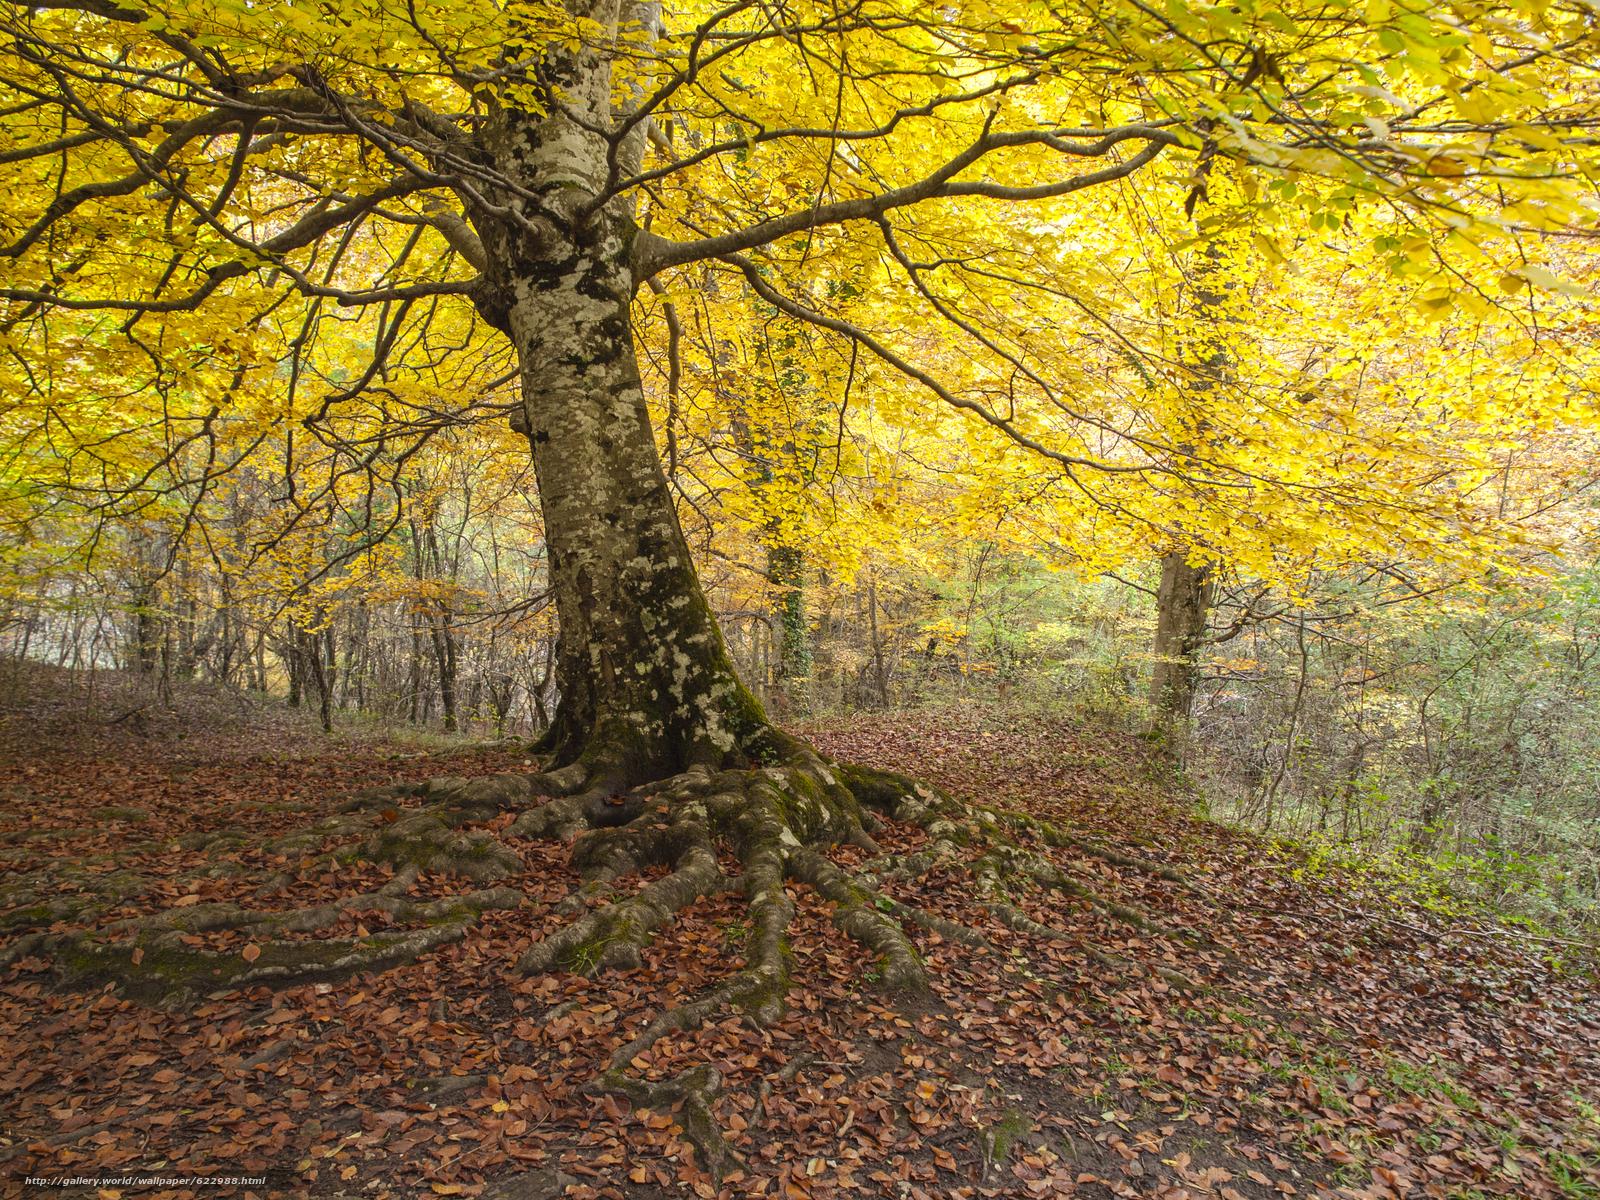 Tlcharger Fond d'ecran automne,  forêt,  arbres,  nature Fonds d'ecran gratuits pour votre rsolution du bureau 4032x3024 — image №622988